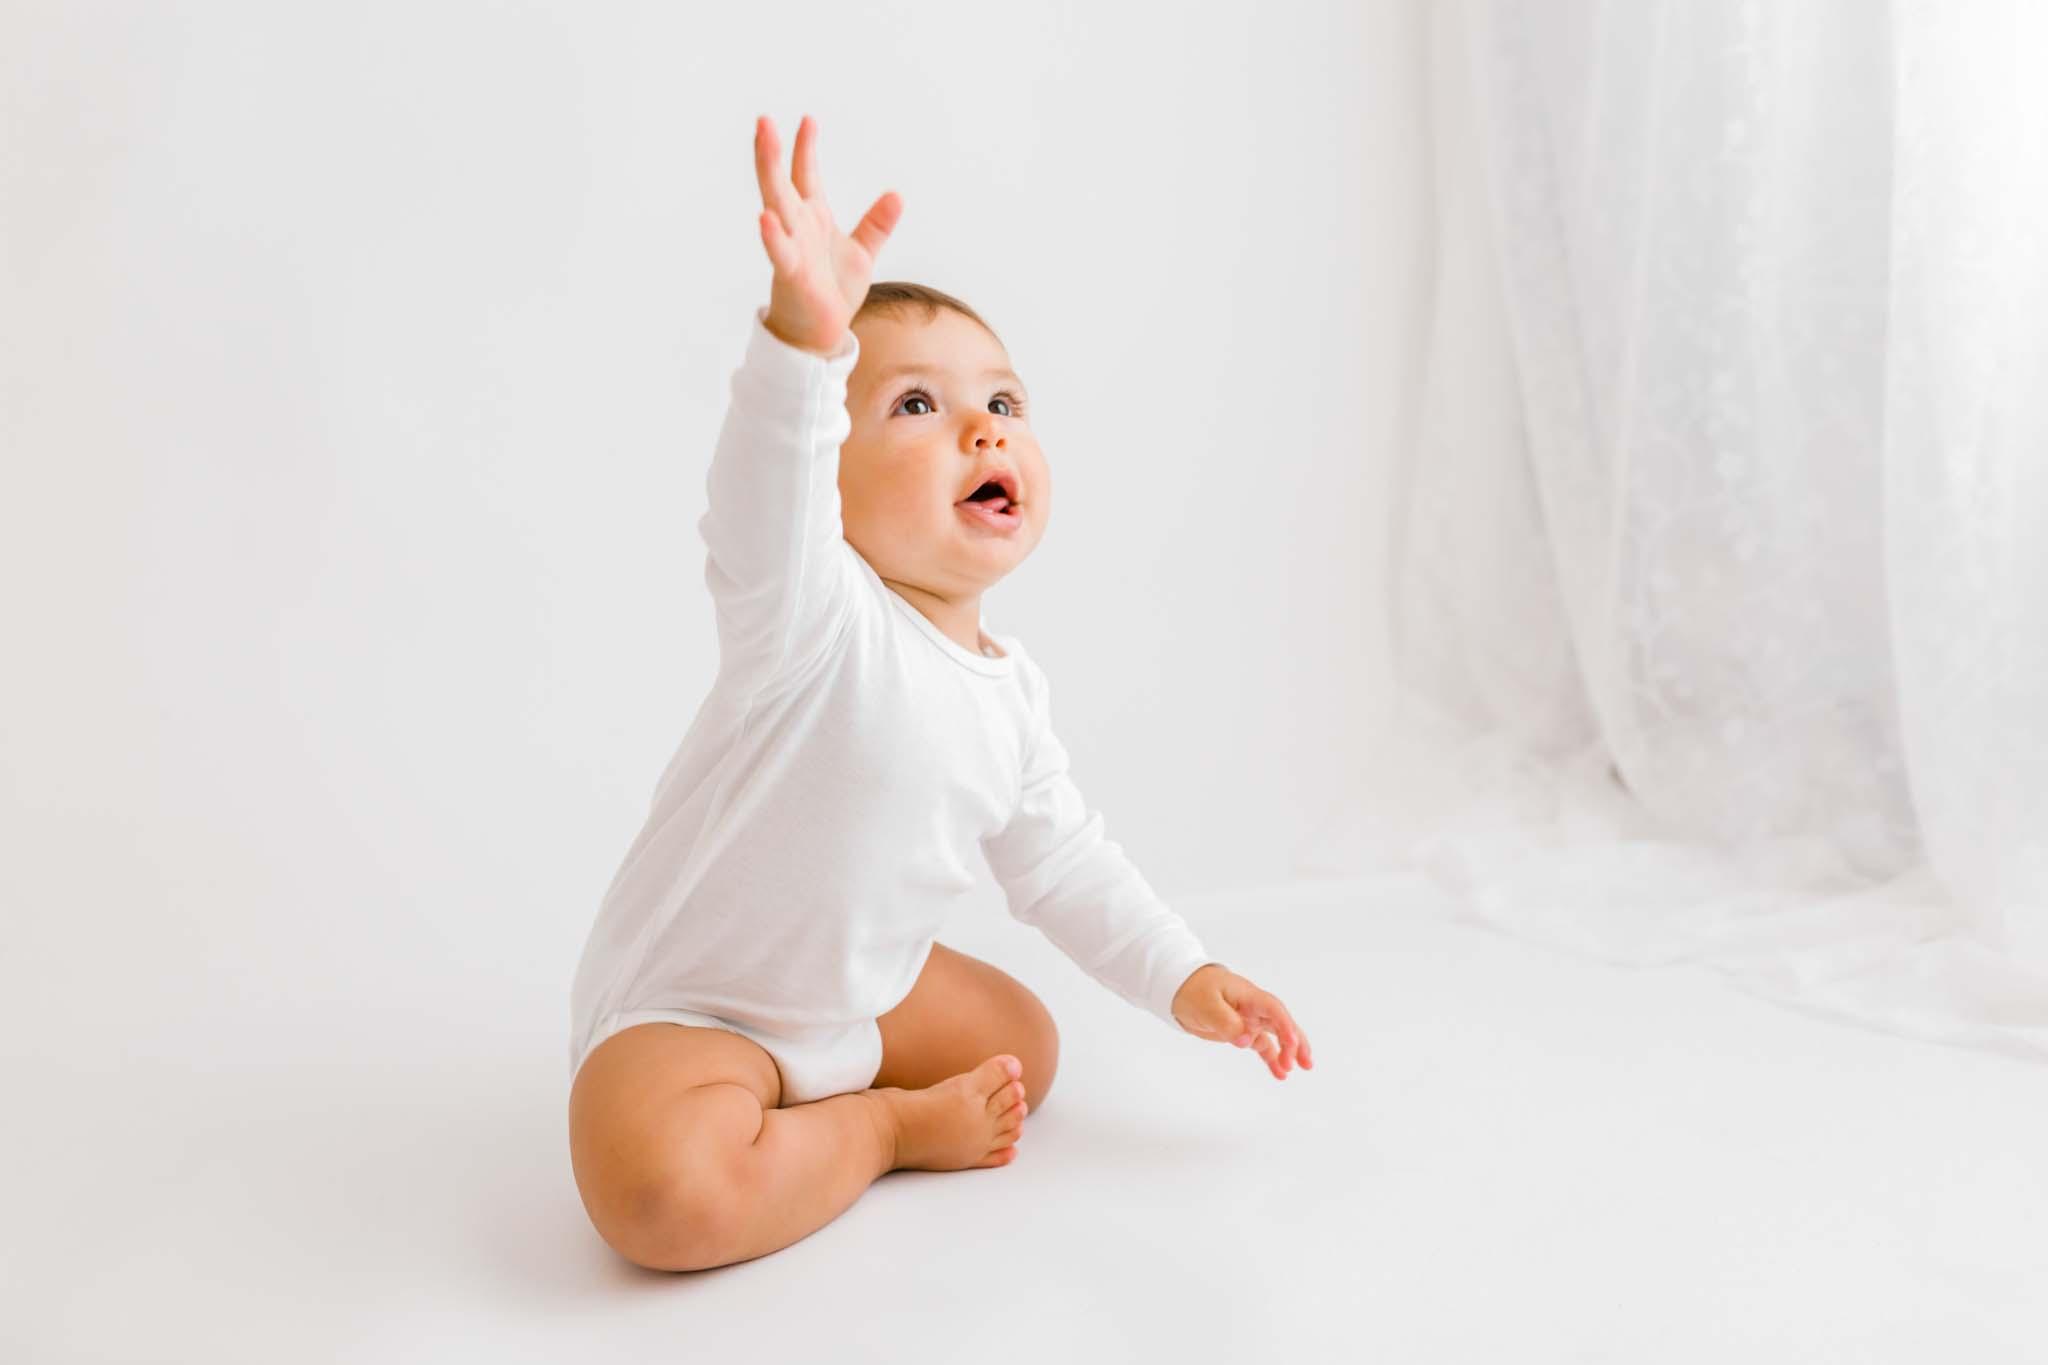 Babyfotograf München: natürliche Babyfotos und Babyshooting